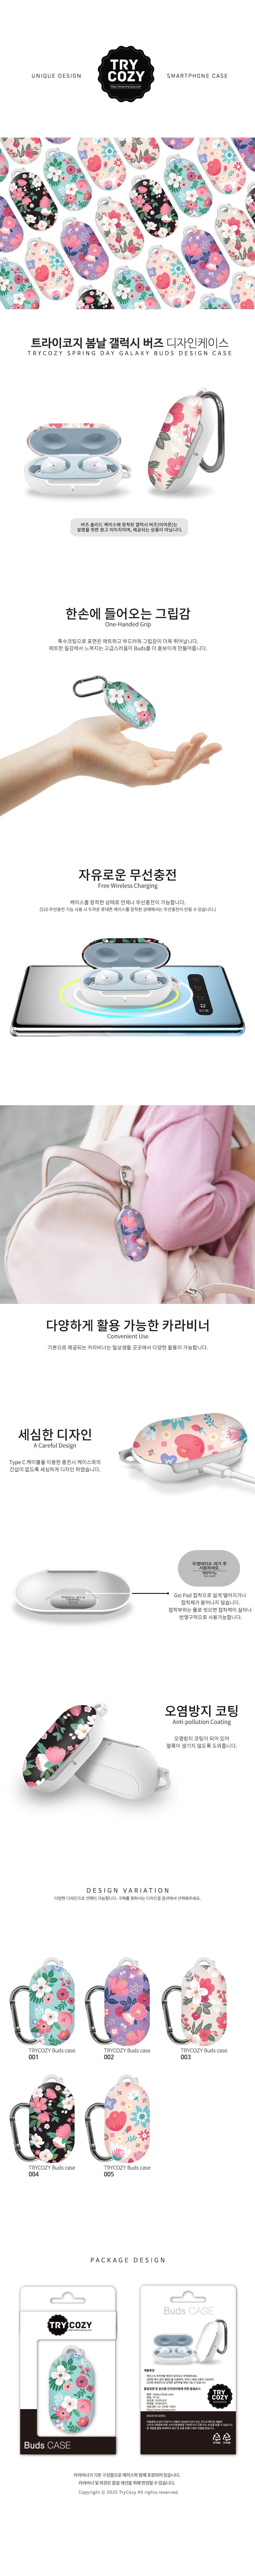 봄날 삼성 갤럭시 버즈버즈플러스 공용케이스 - 엑시트나인, 15,000원, 이어폰, 블루투스 이어폰